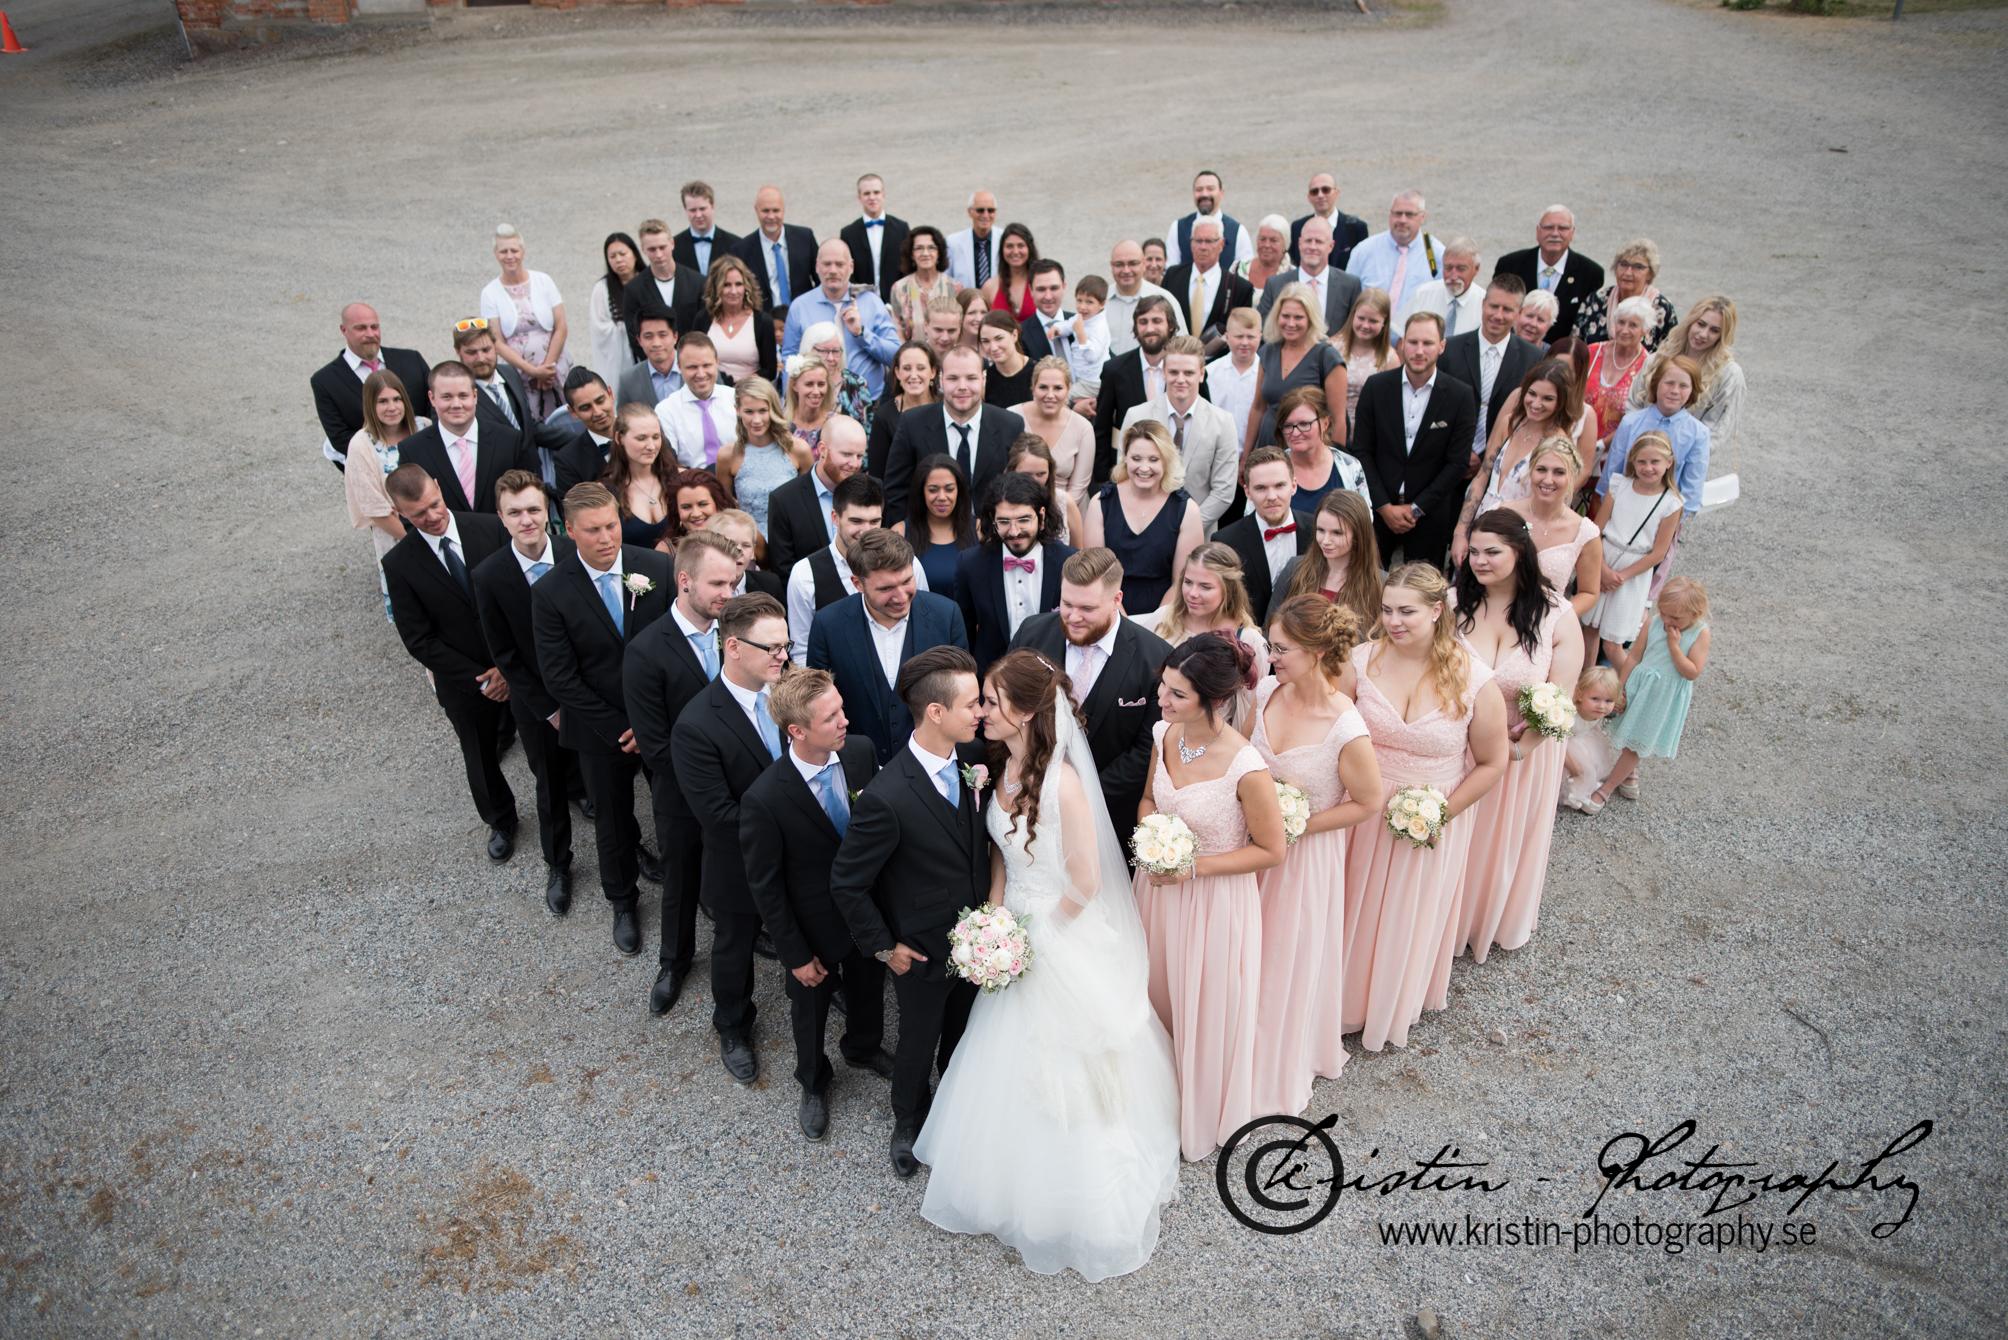 Bröllopsfotograf i Eskilstuna, Kristin - Photography, weddingphotographer -322.jpg